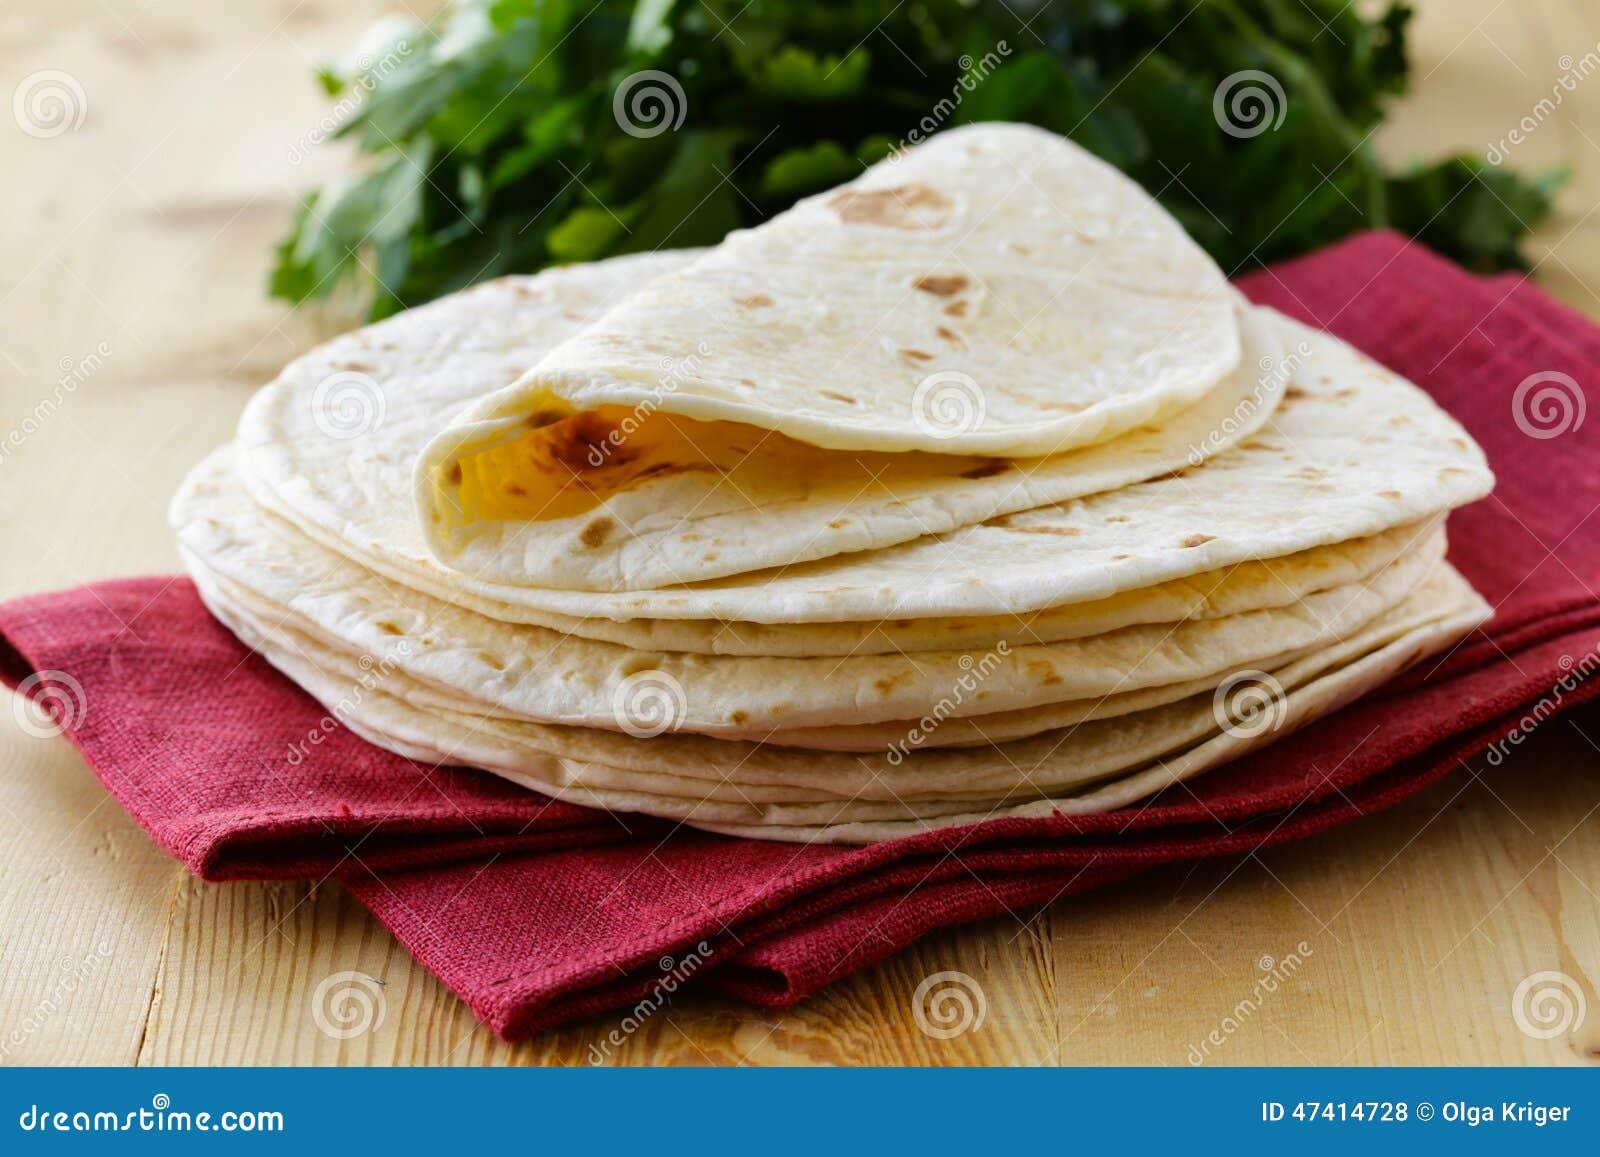 Pila de tortillas hechas en casa de la harina del trigo integral